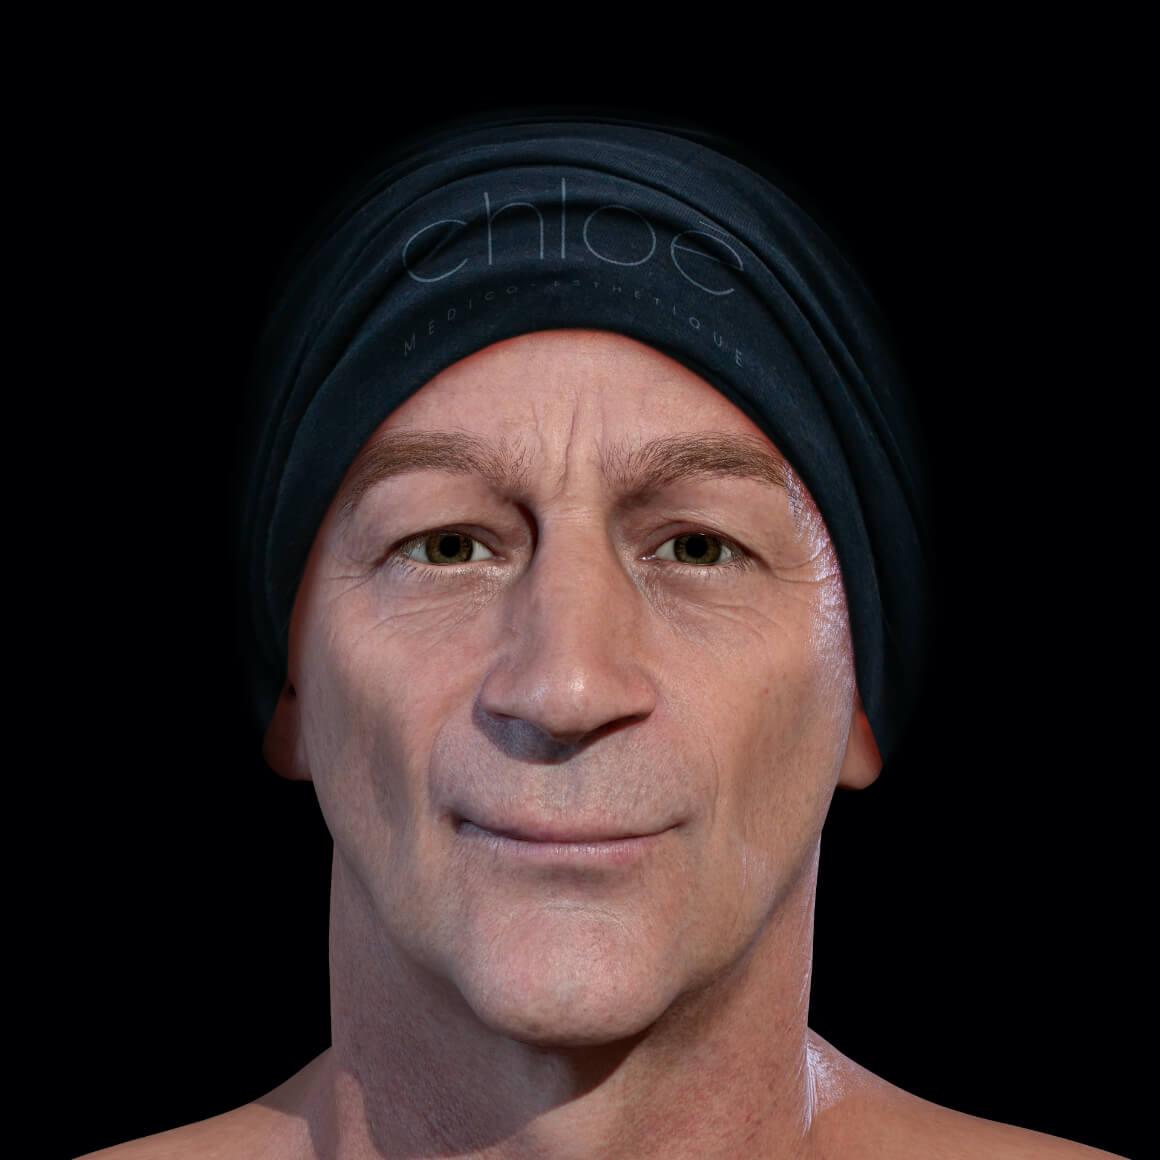 Patient de la Clinique Chloé positionné de face après des peelings chimiques contre les taches pigmentaires